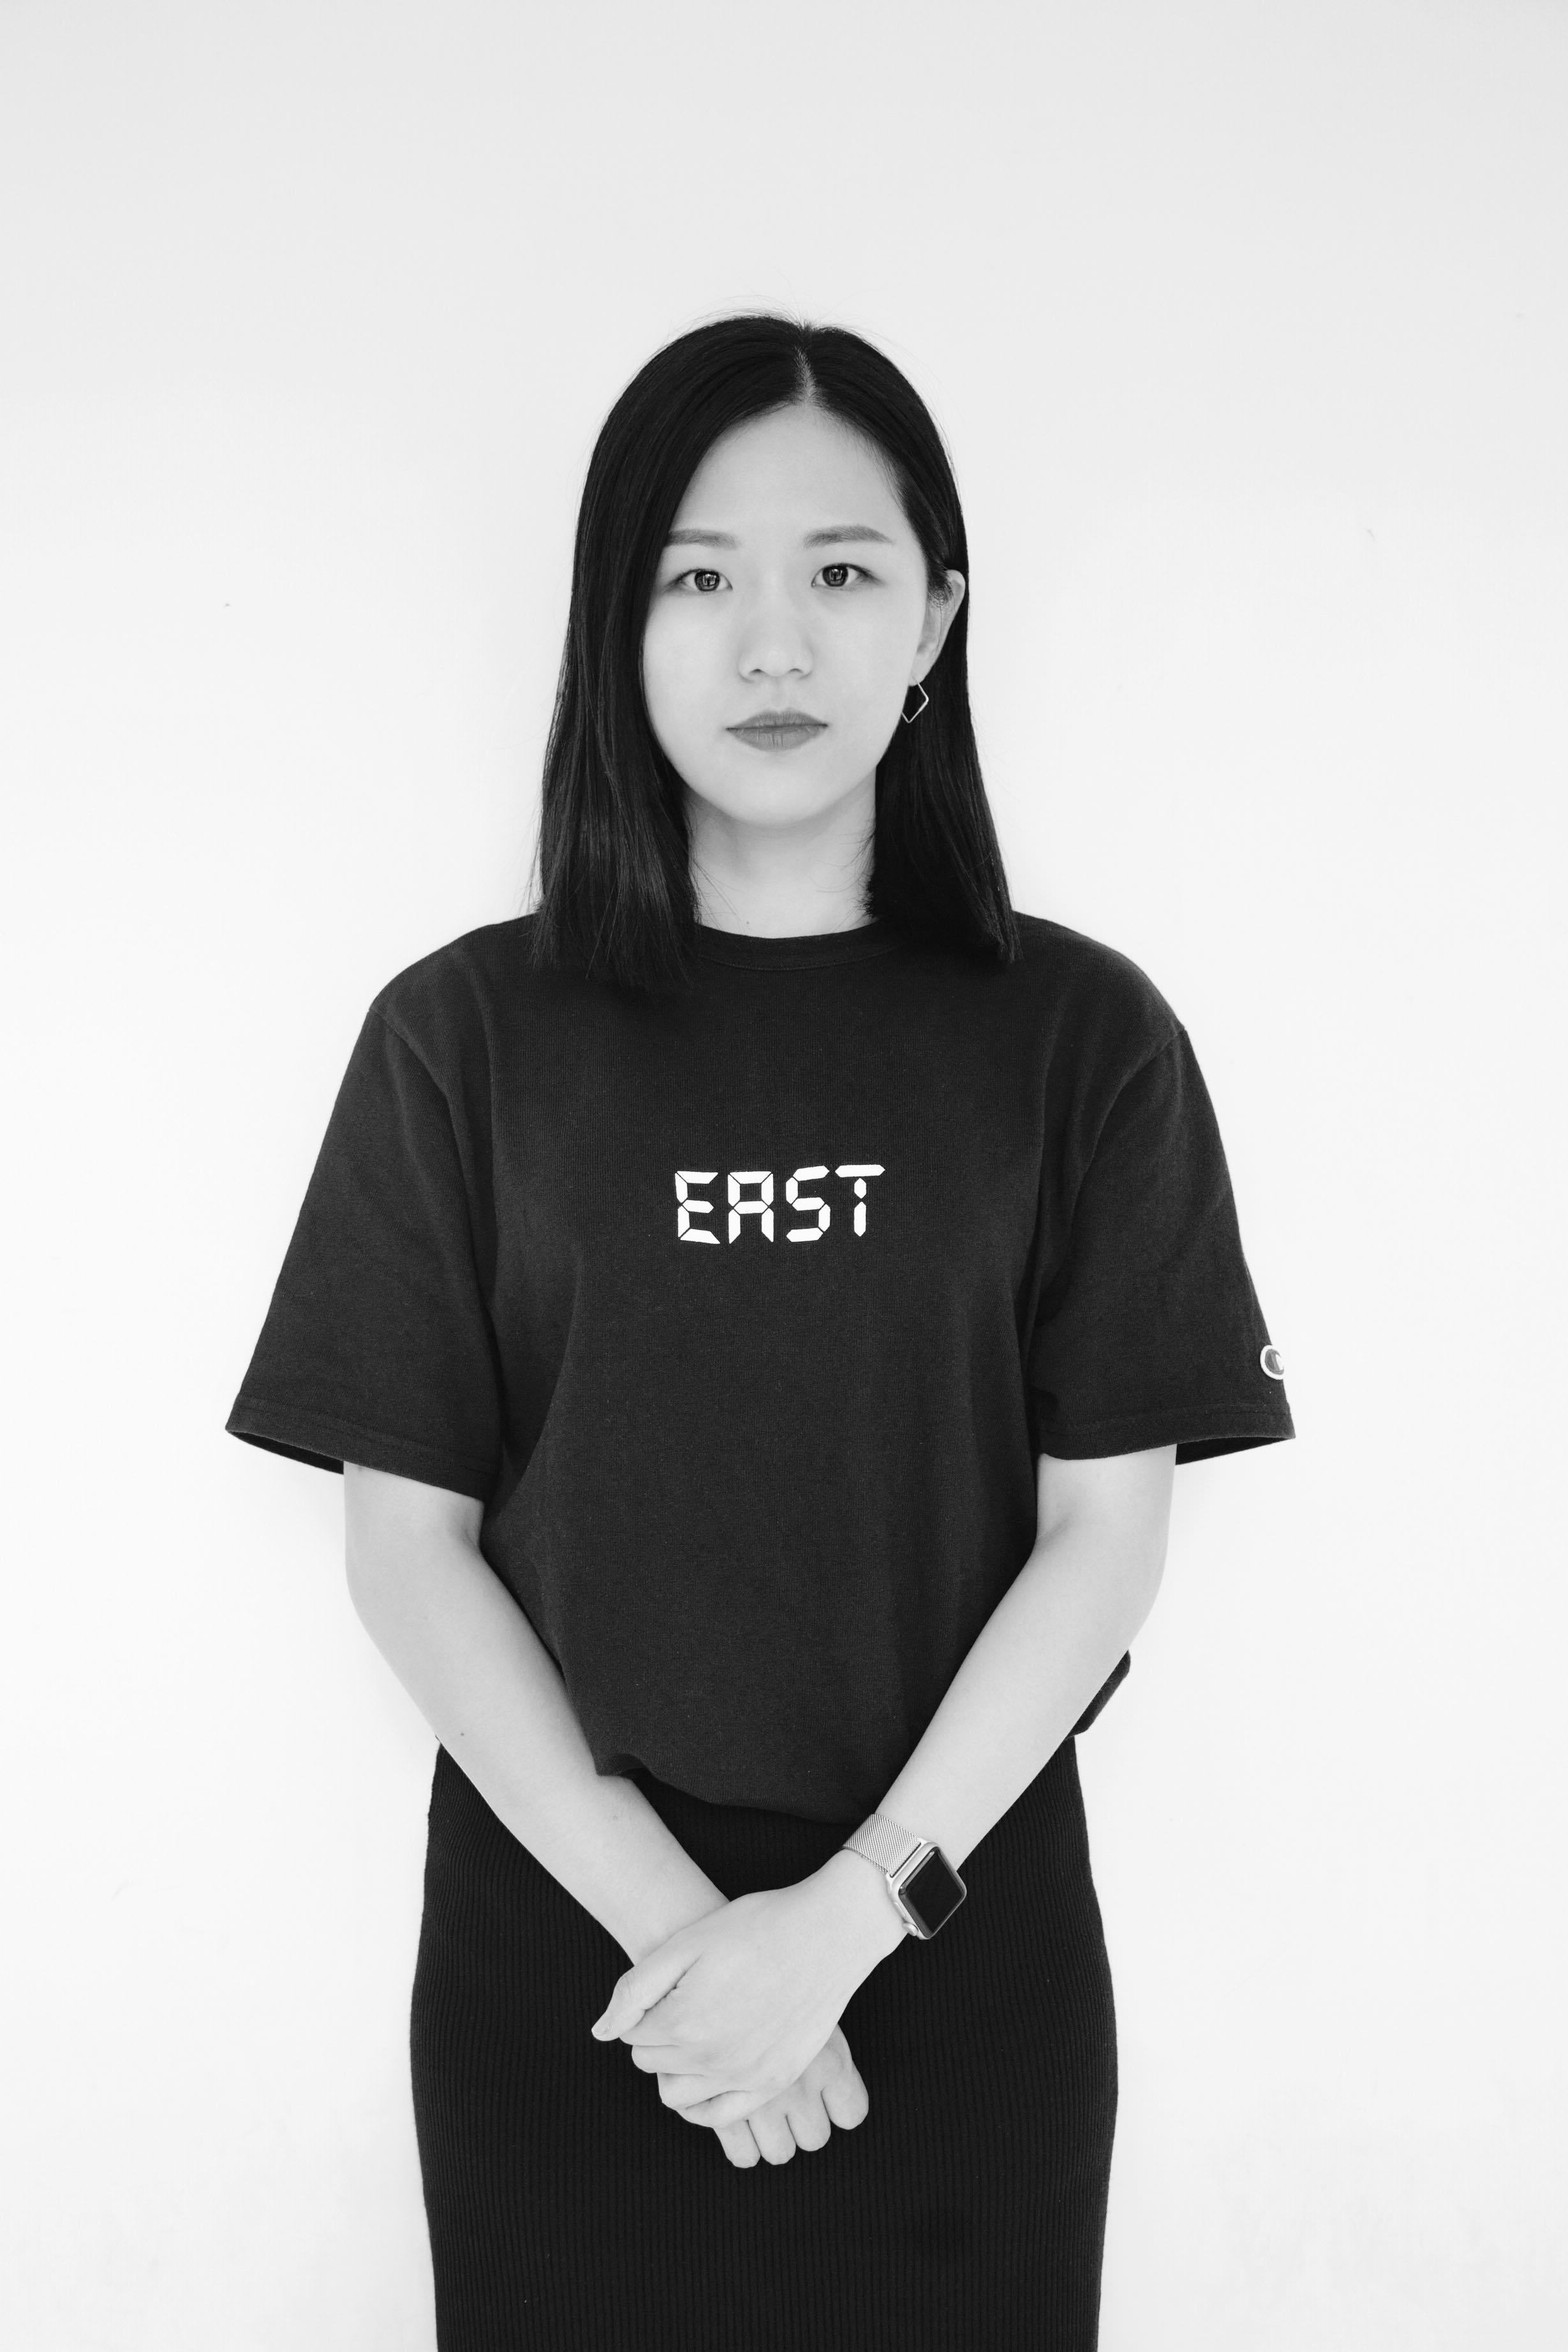 Hao Xiaohui